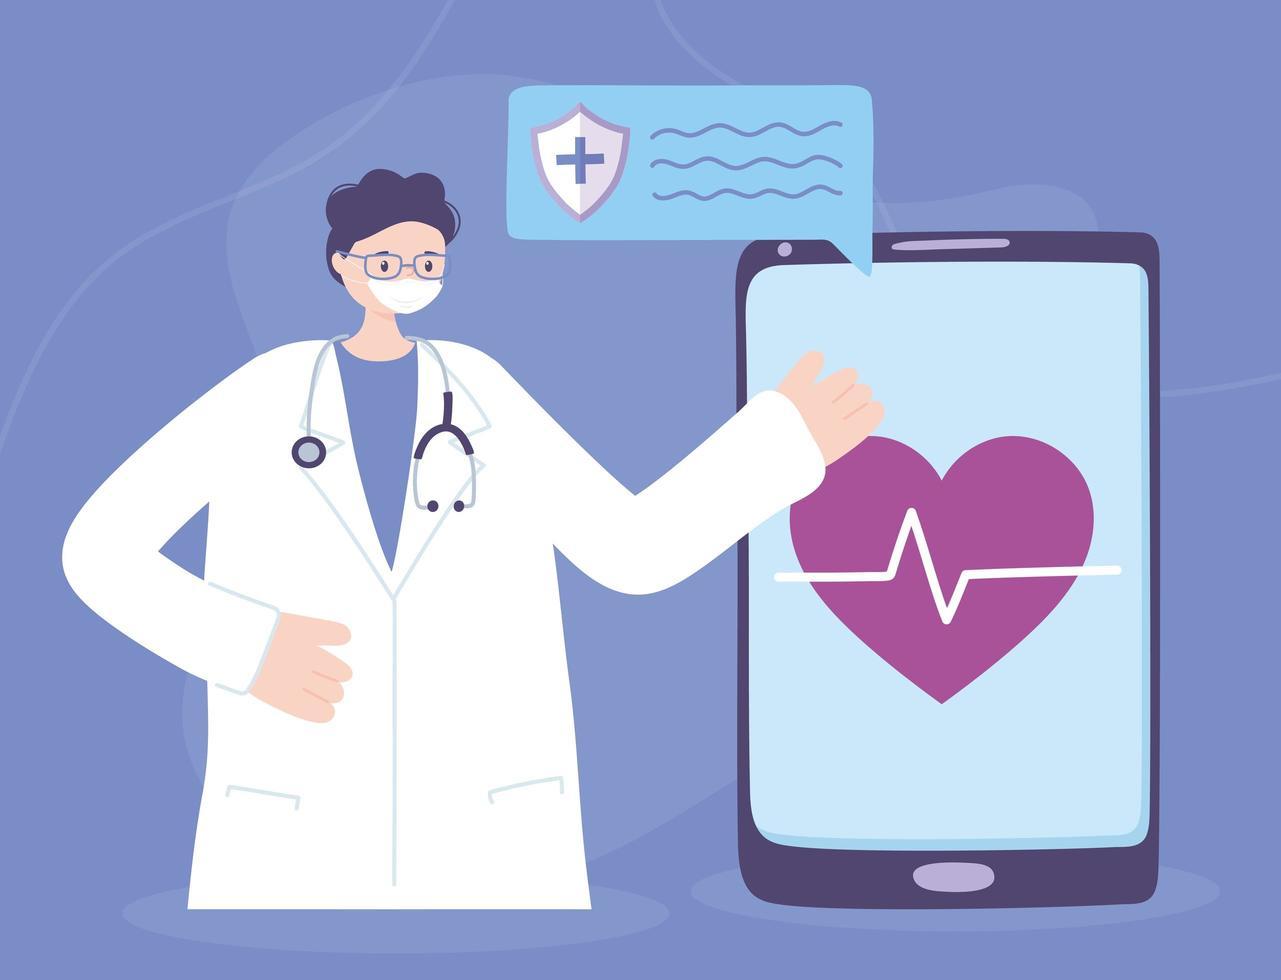 atendimento médico online com médico e smartphone vetor